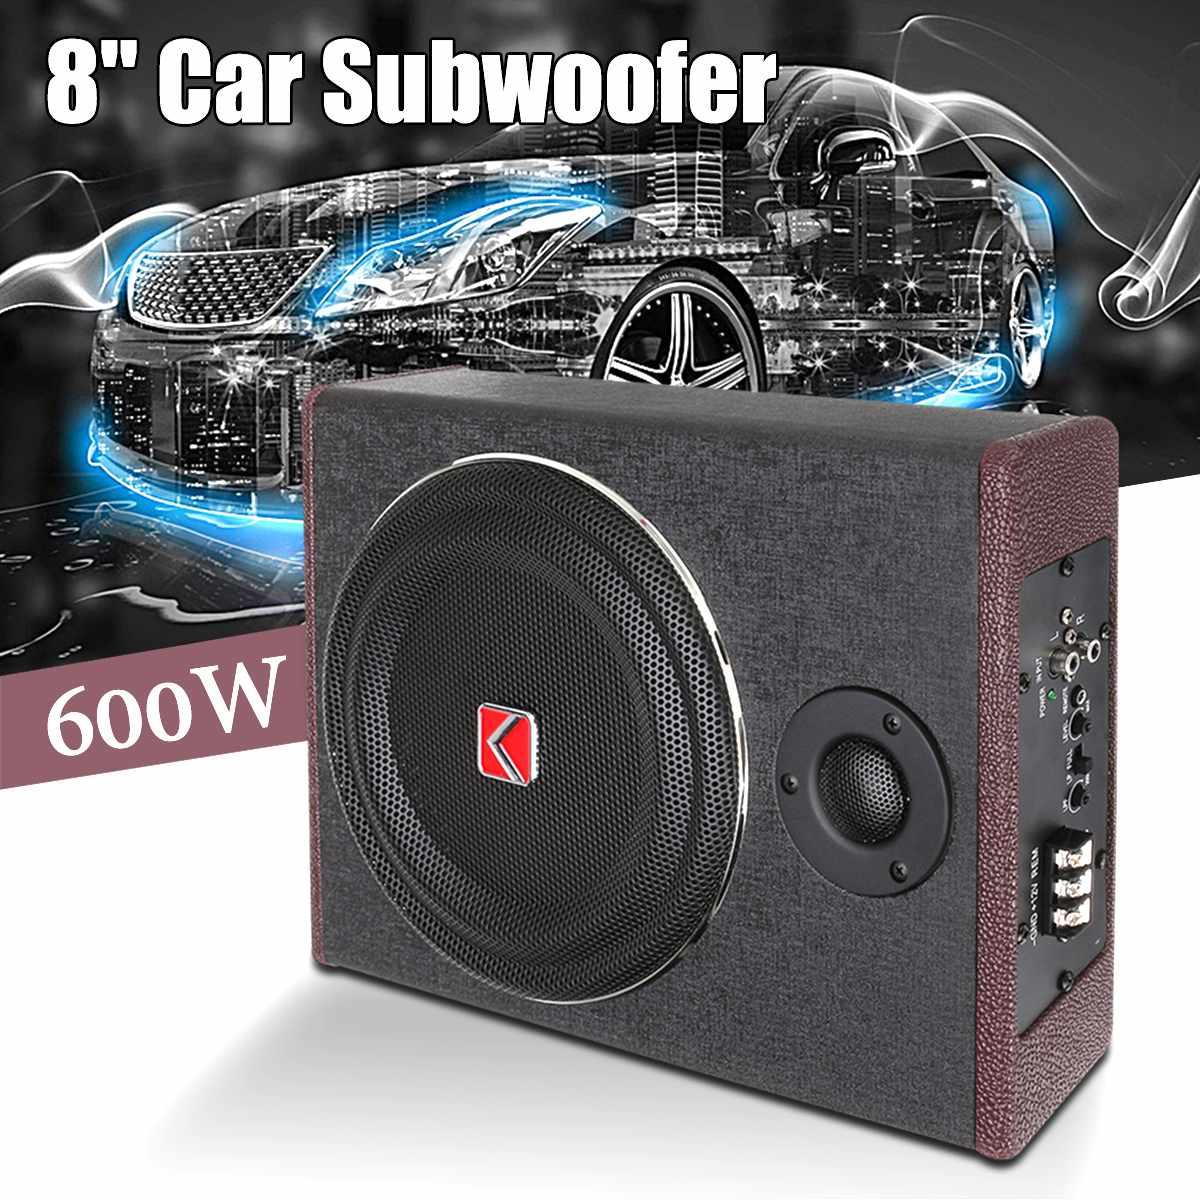 8 pouces 600 W haut-parleur de voiture caisson de basses actif voiture sous siège Slim Sub Woofer AMP Super basse amplificateur de voiture caissons de basses